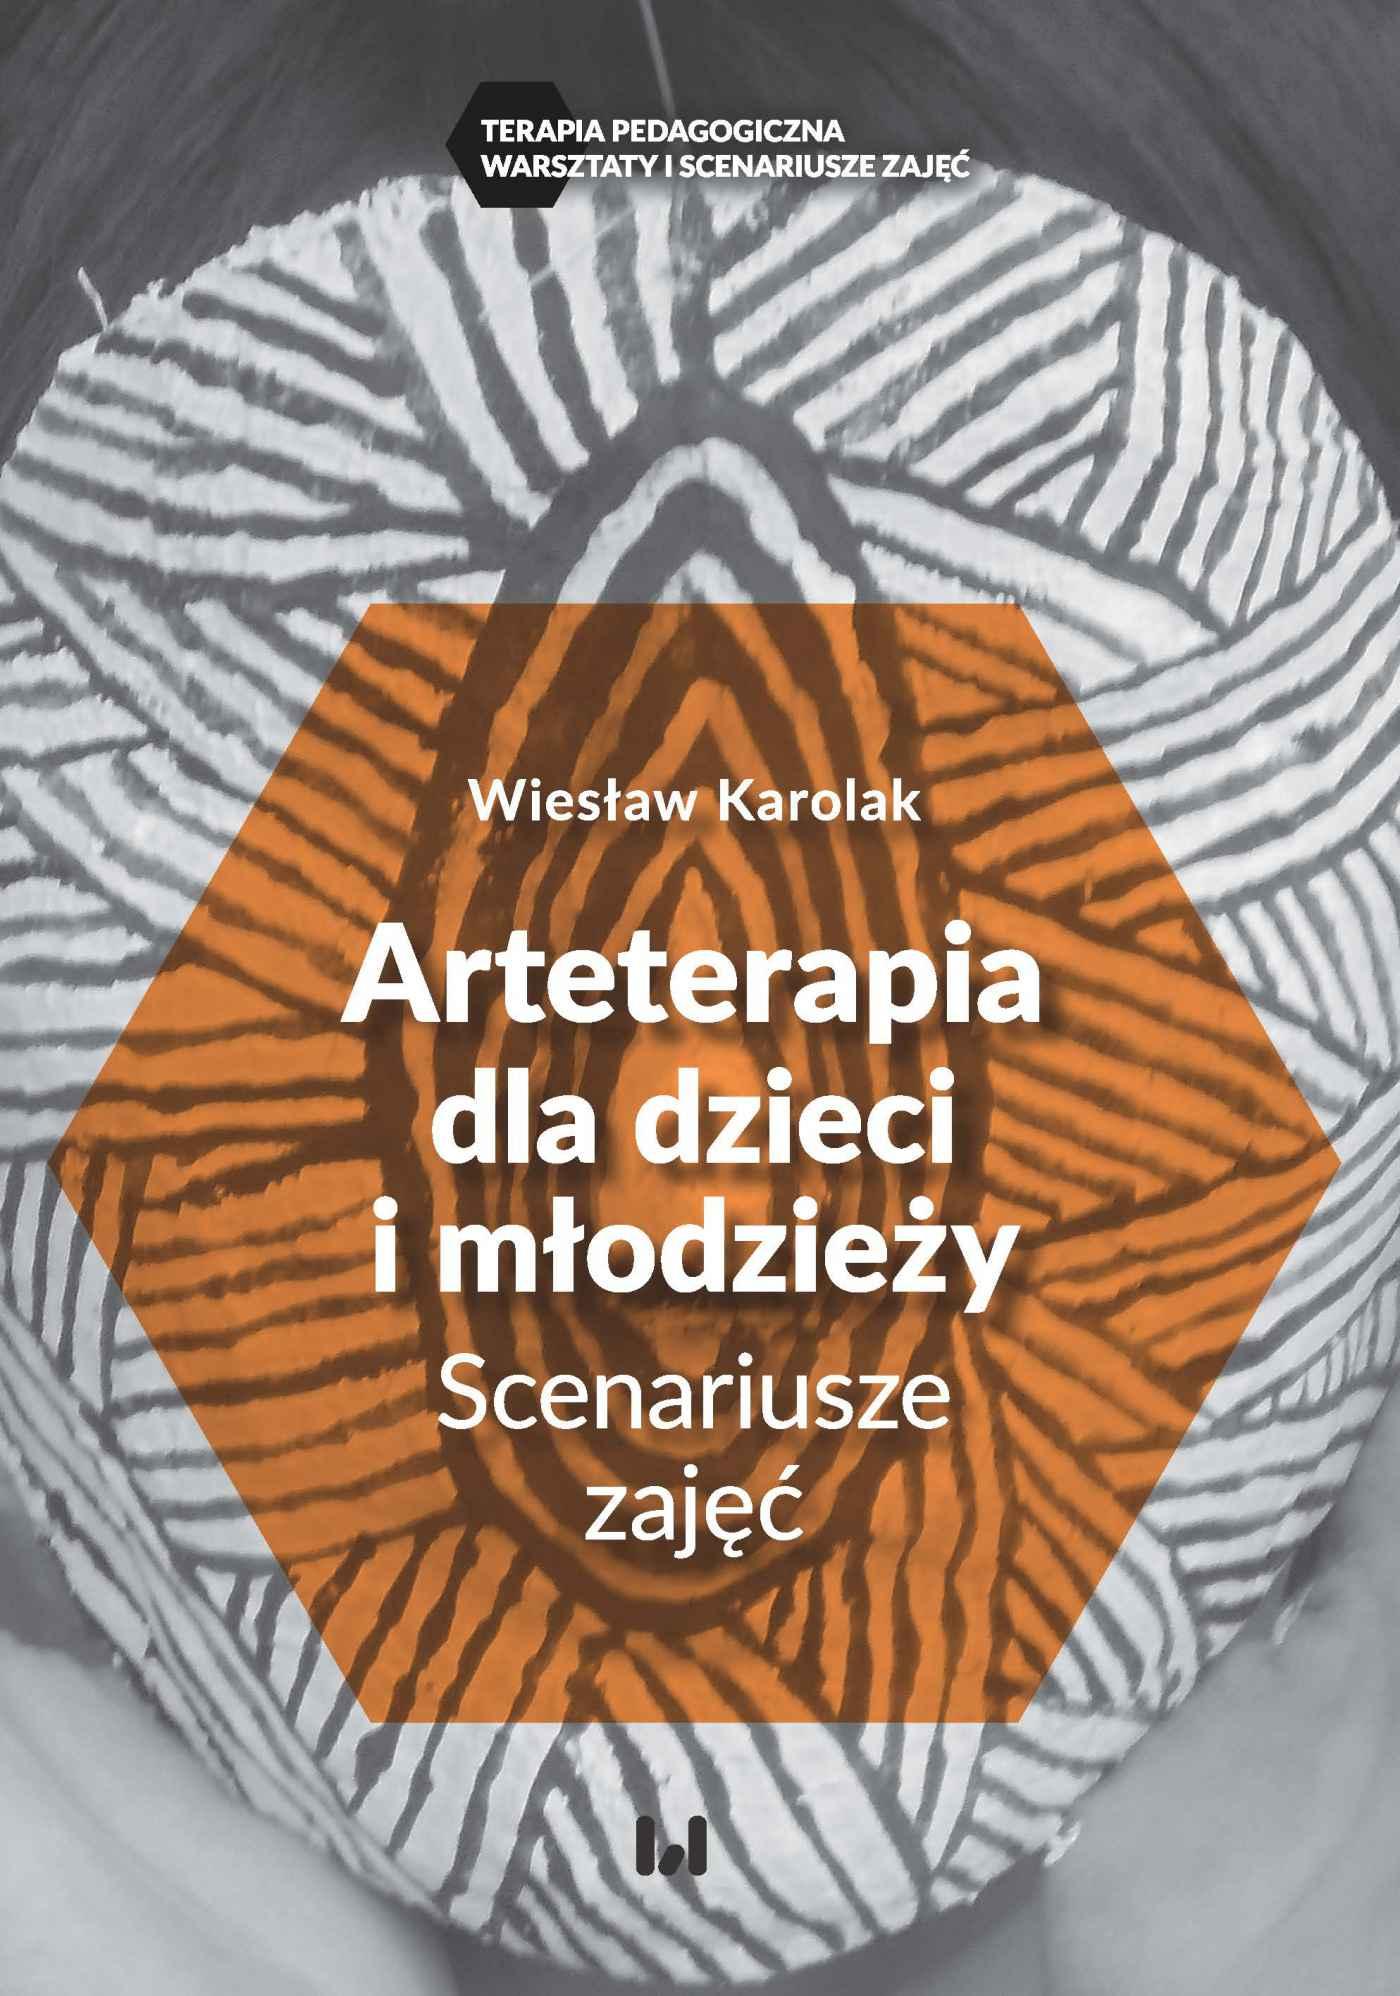 Arteterapia dla dzieci i młodzieży. Scenariusze zajęć - Ebook (Książka PDF) do pobrania w formacie PDF